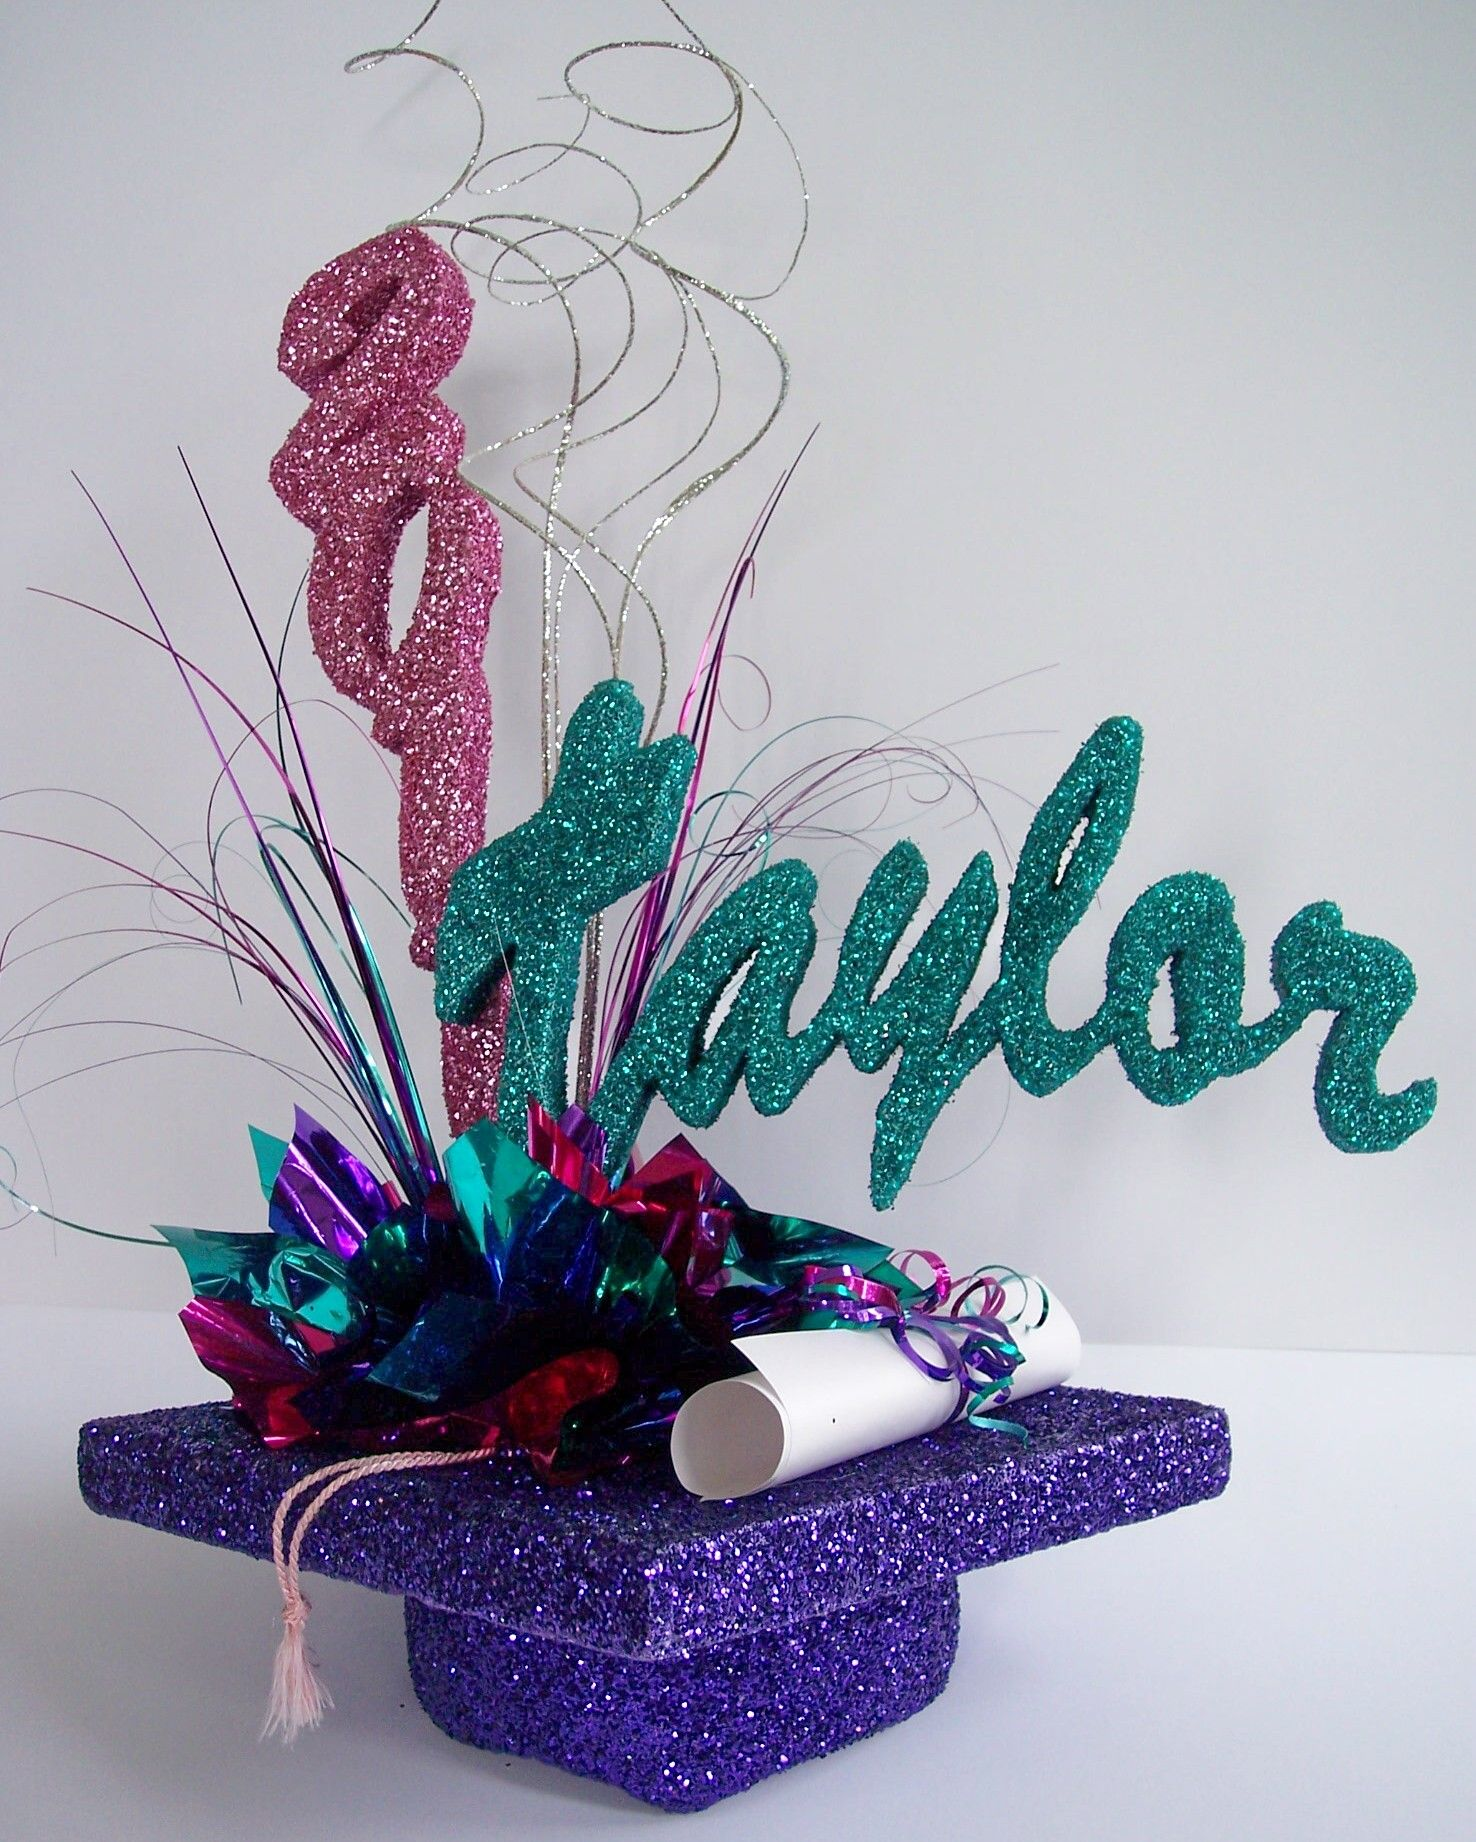 Party Decorations Table Centerpieces: Graduation Centerpieces Ideas